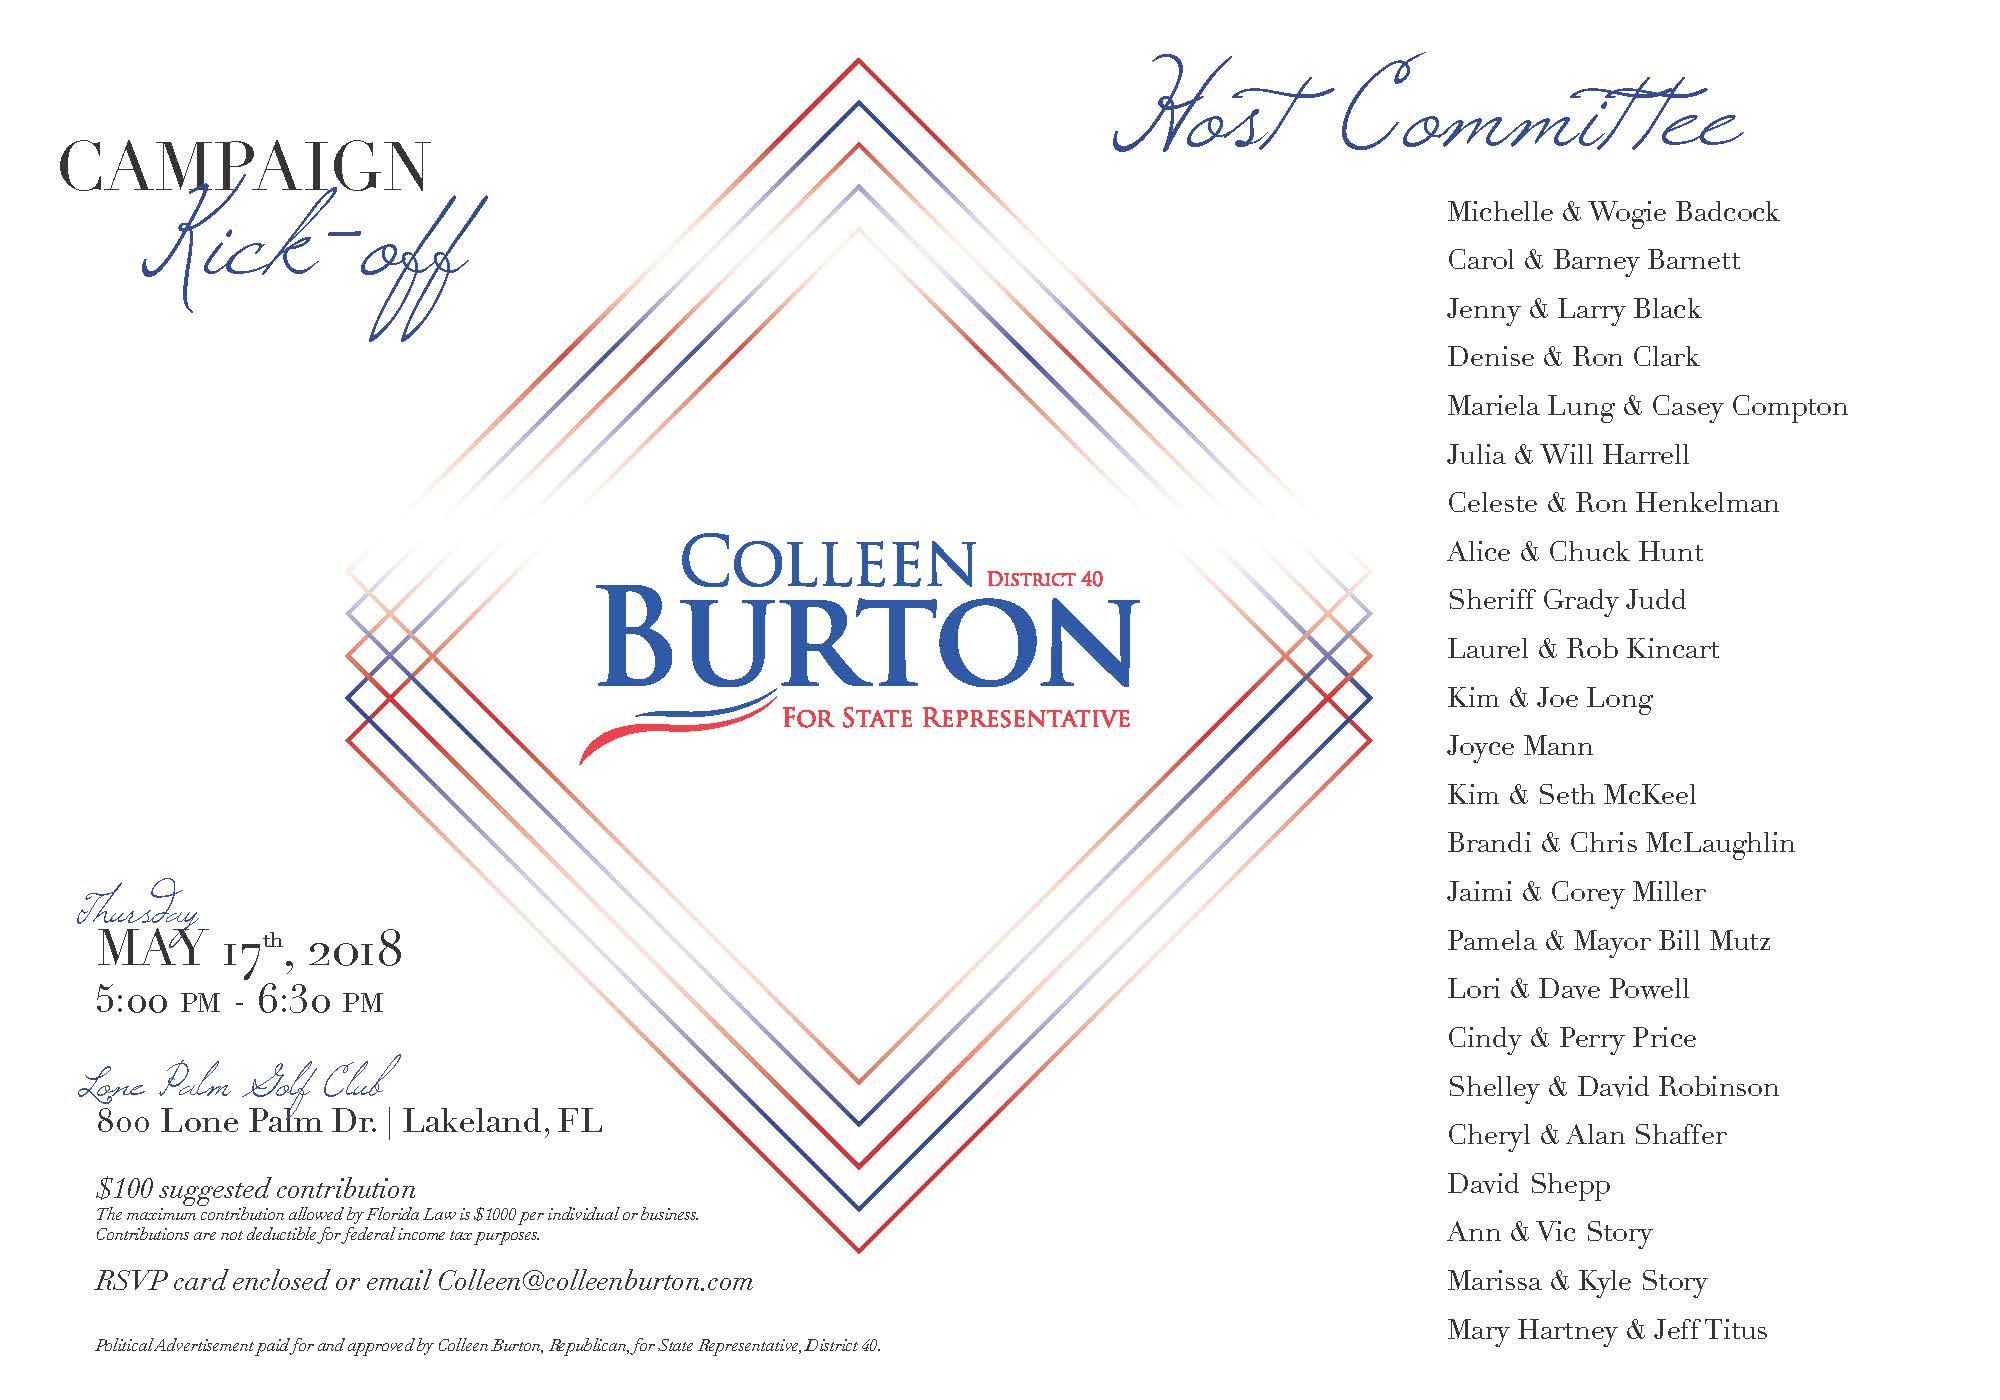 Colleen Burton 2018 Campaign Kick-Off 5.17.2018